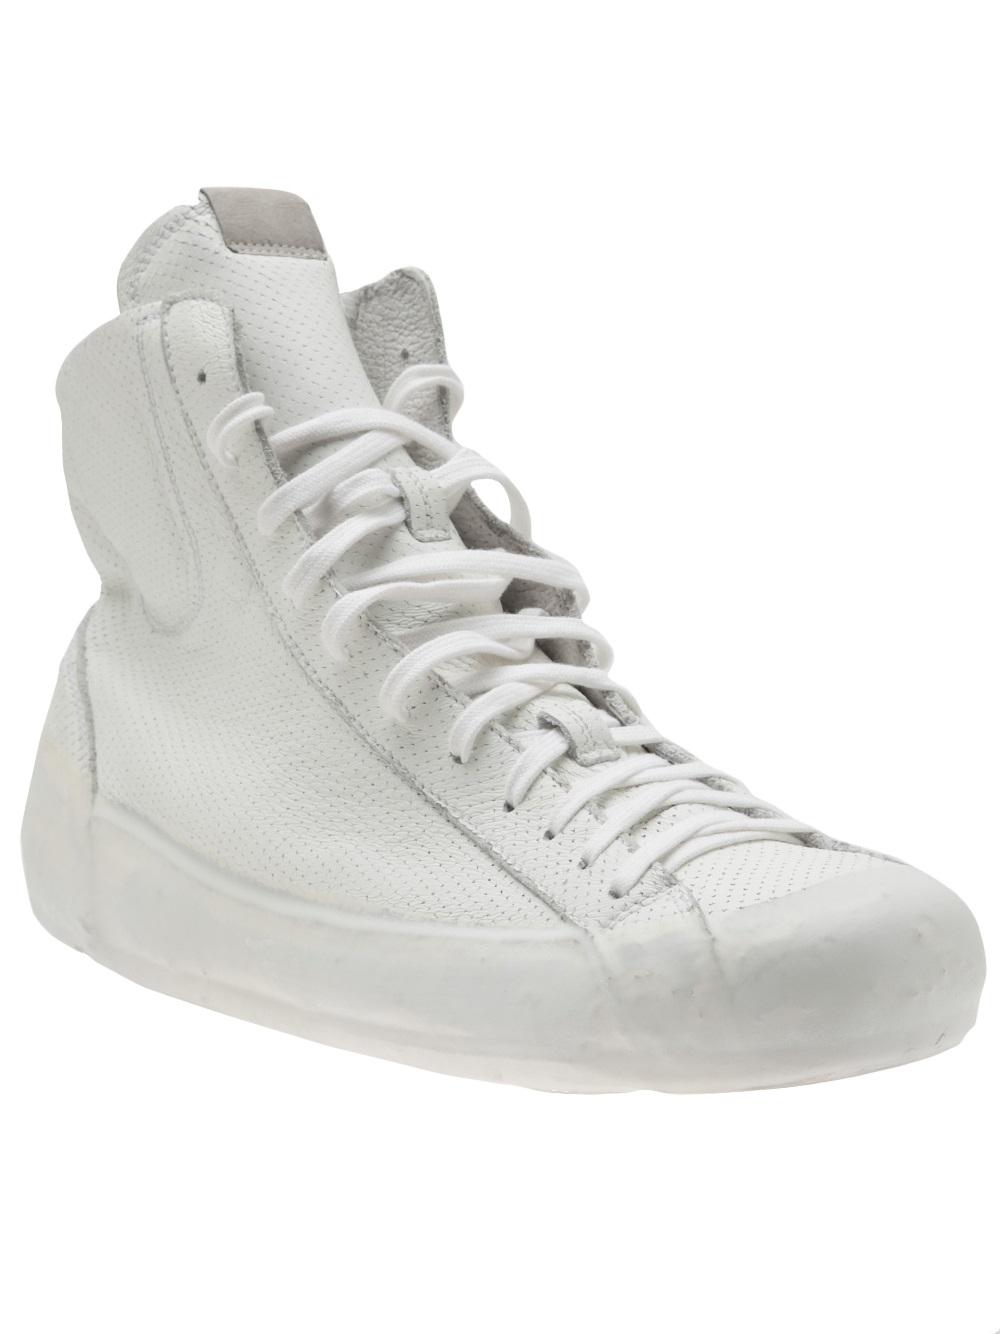 me En Caoutchouc Haute-tops Et Chaussures De Sport iuf8XMLoi